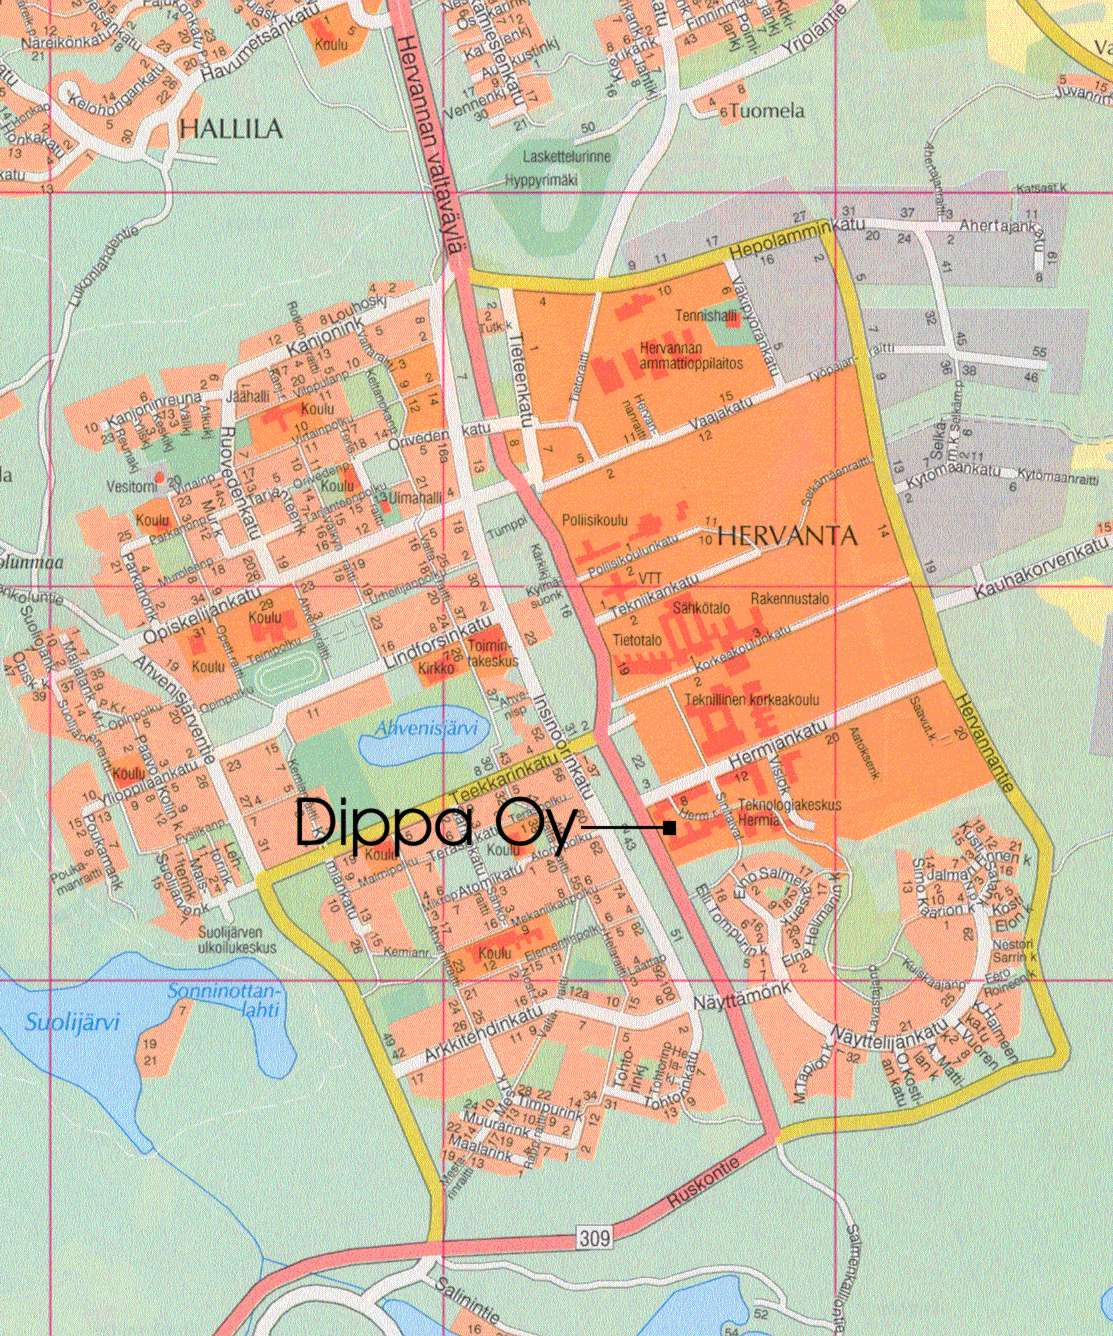 hervannan kartta Viitasaari